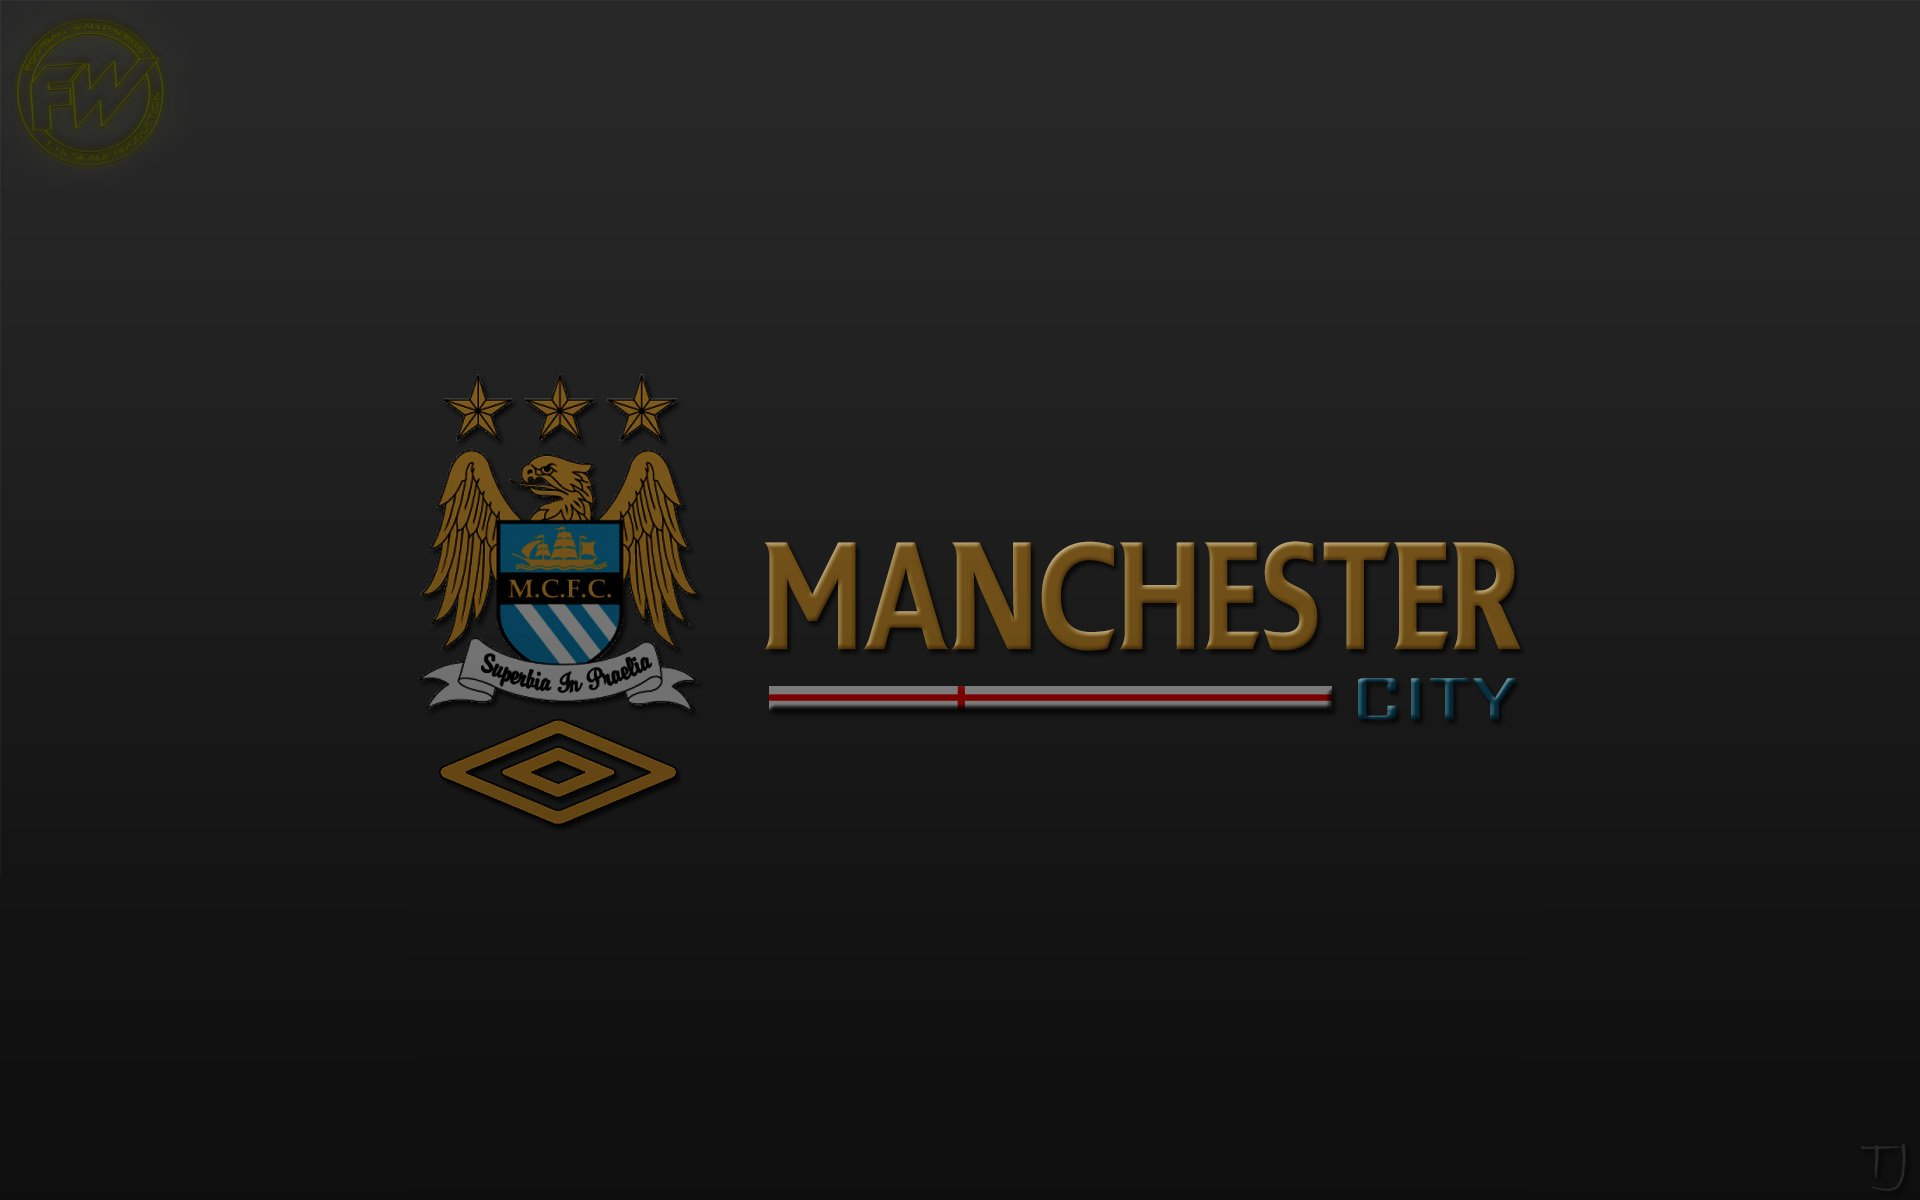 Manchester City Wallpaper 2016